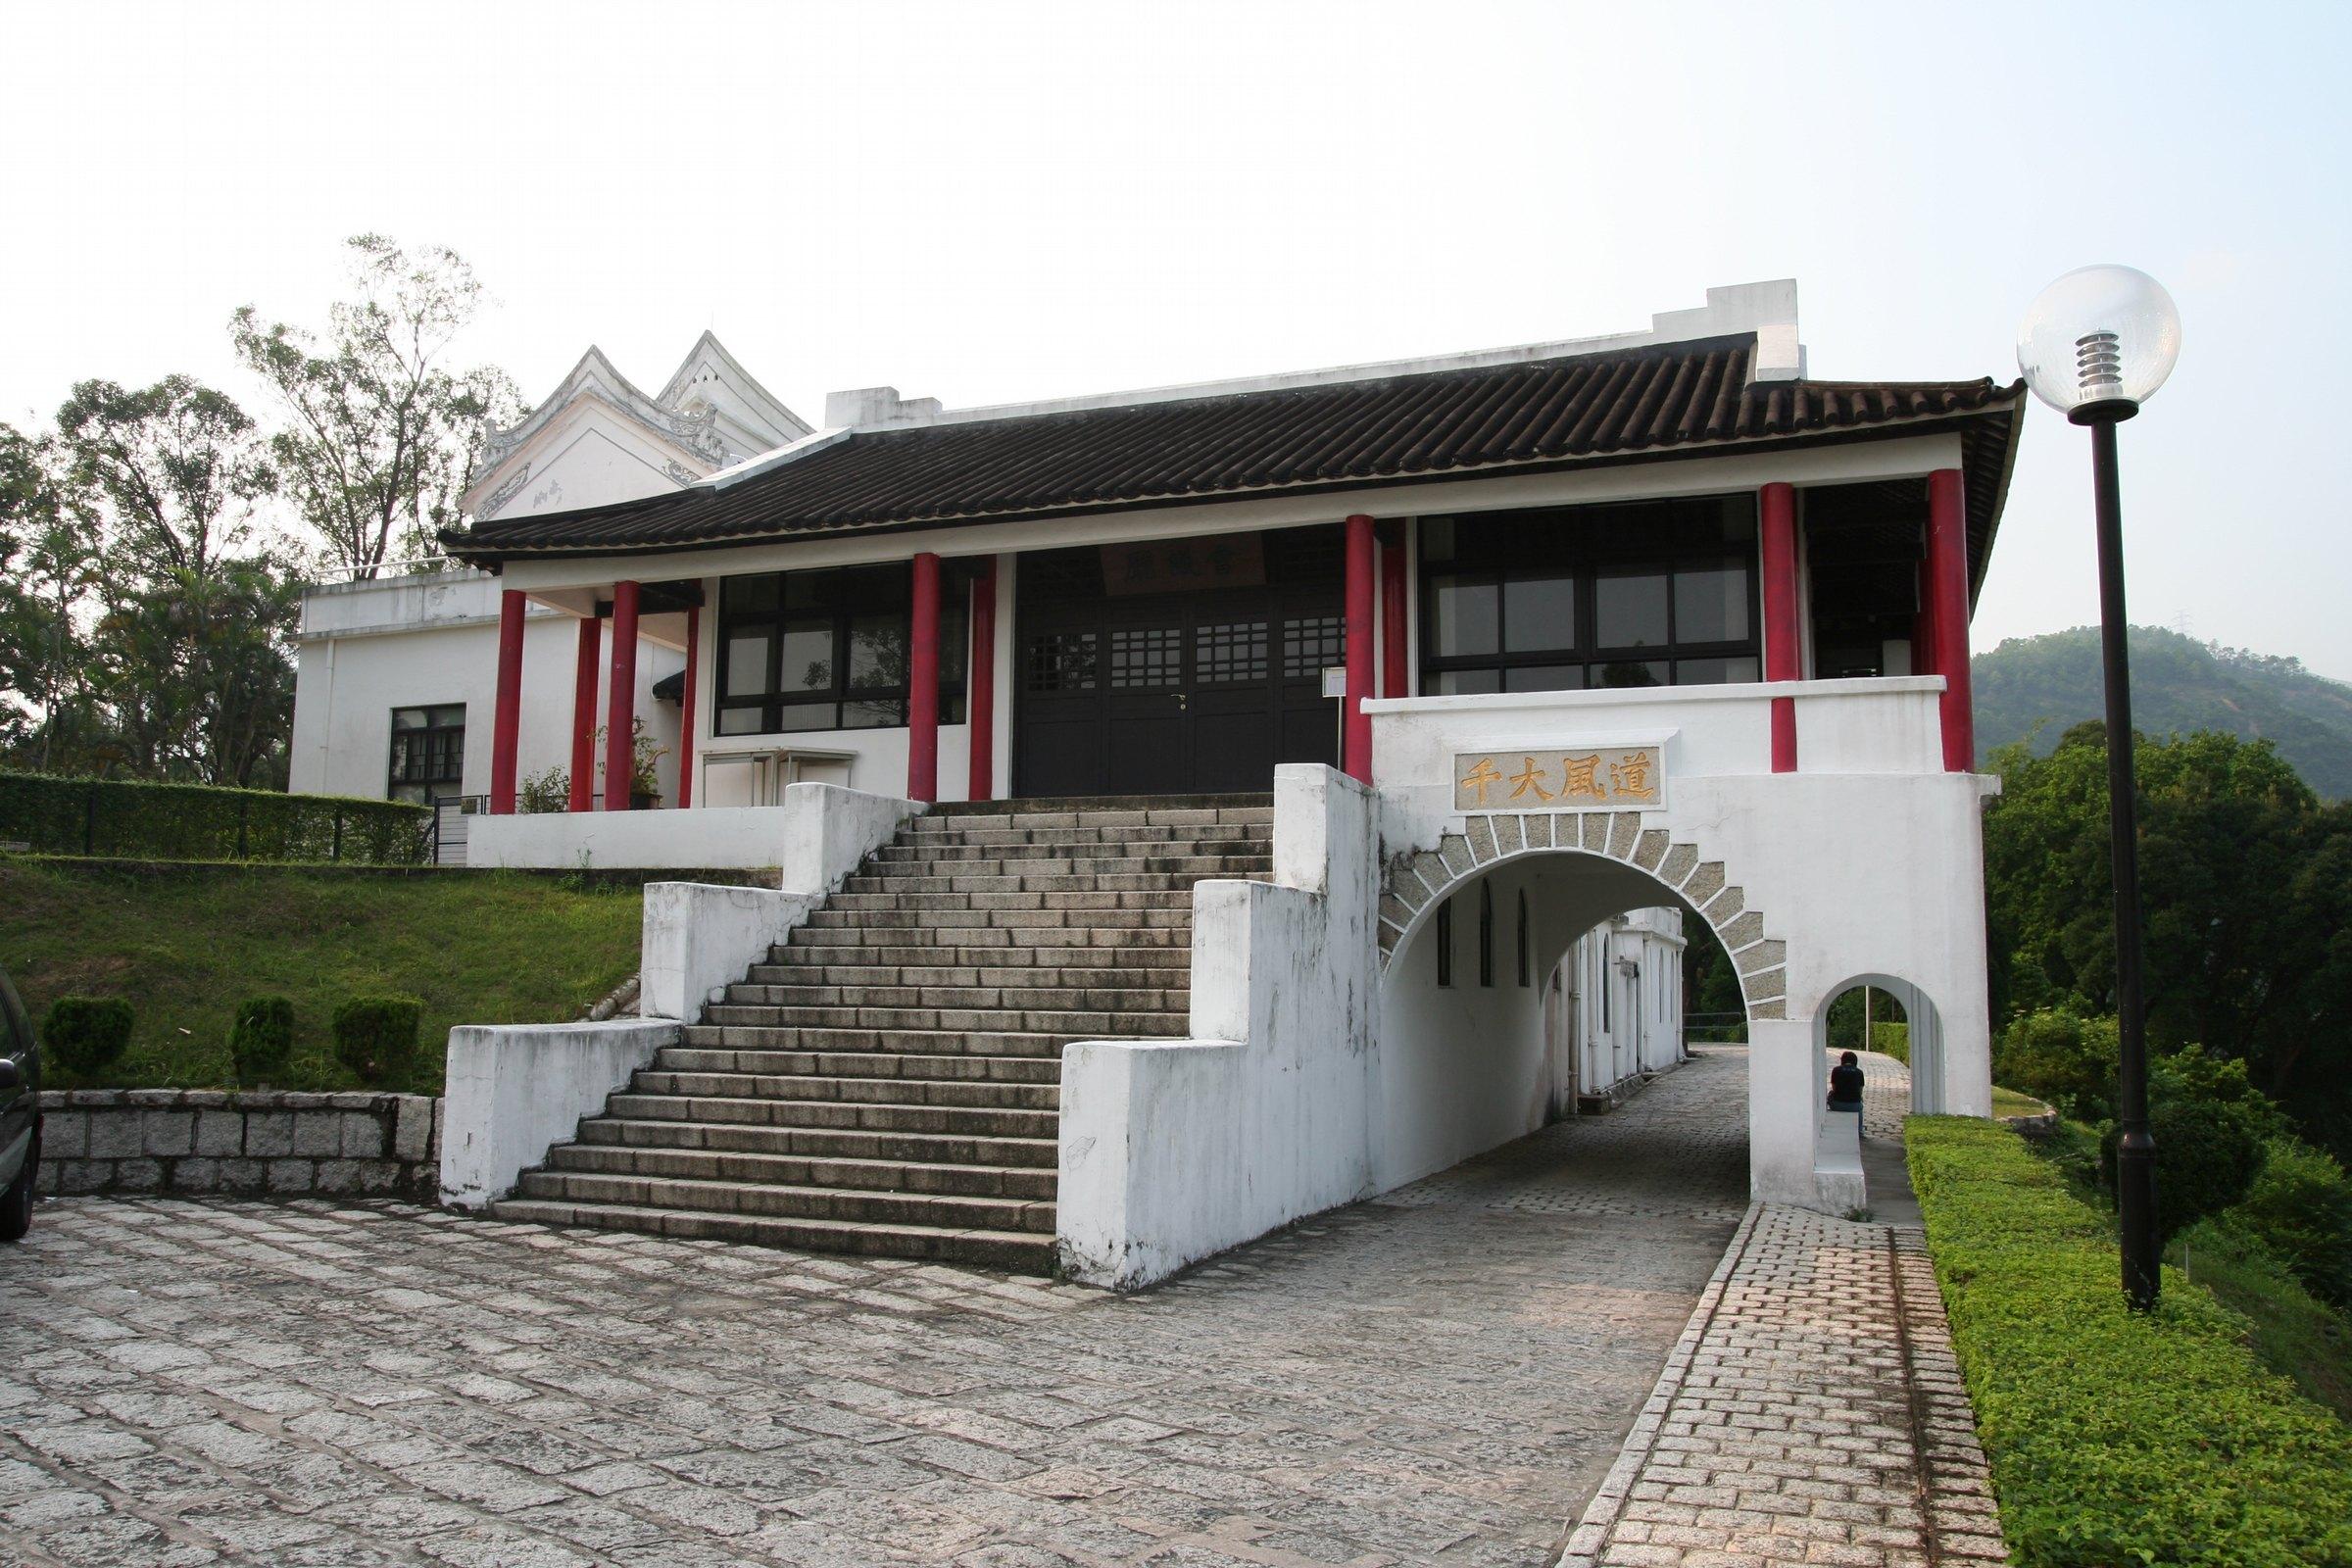 Tao Fong Shan - Wikipedia